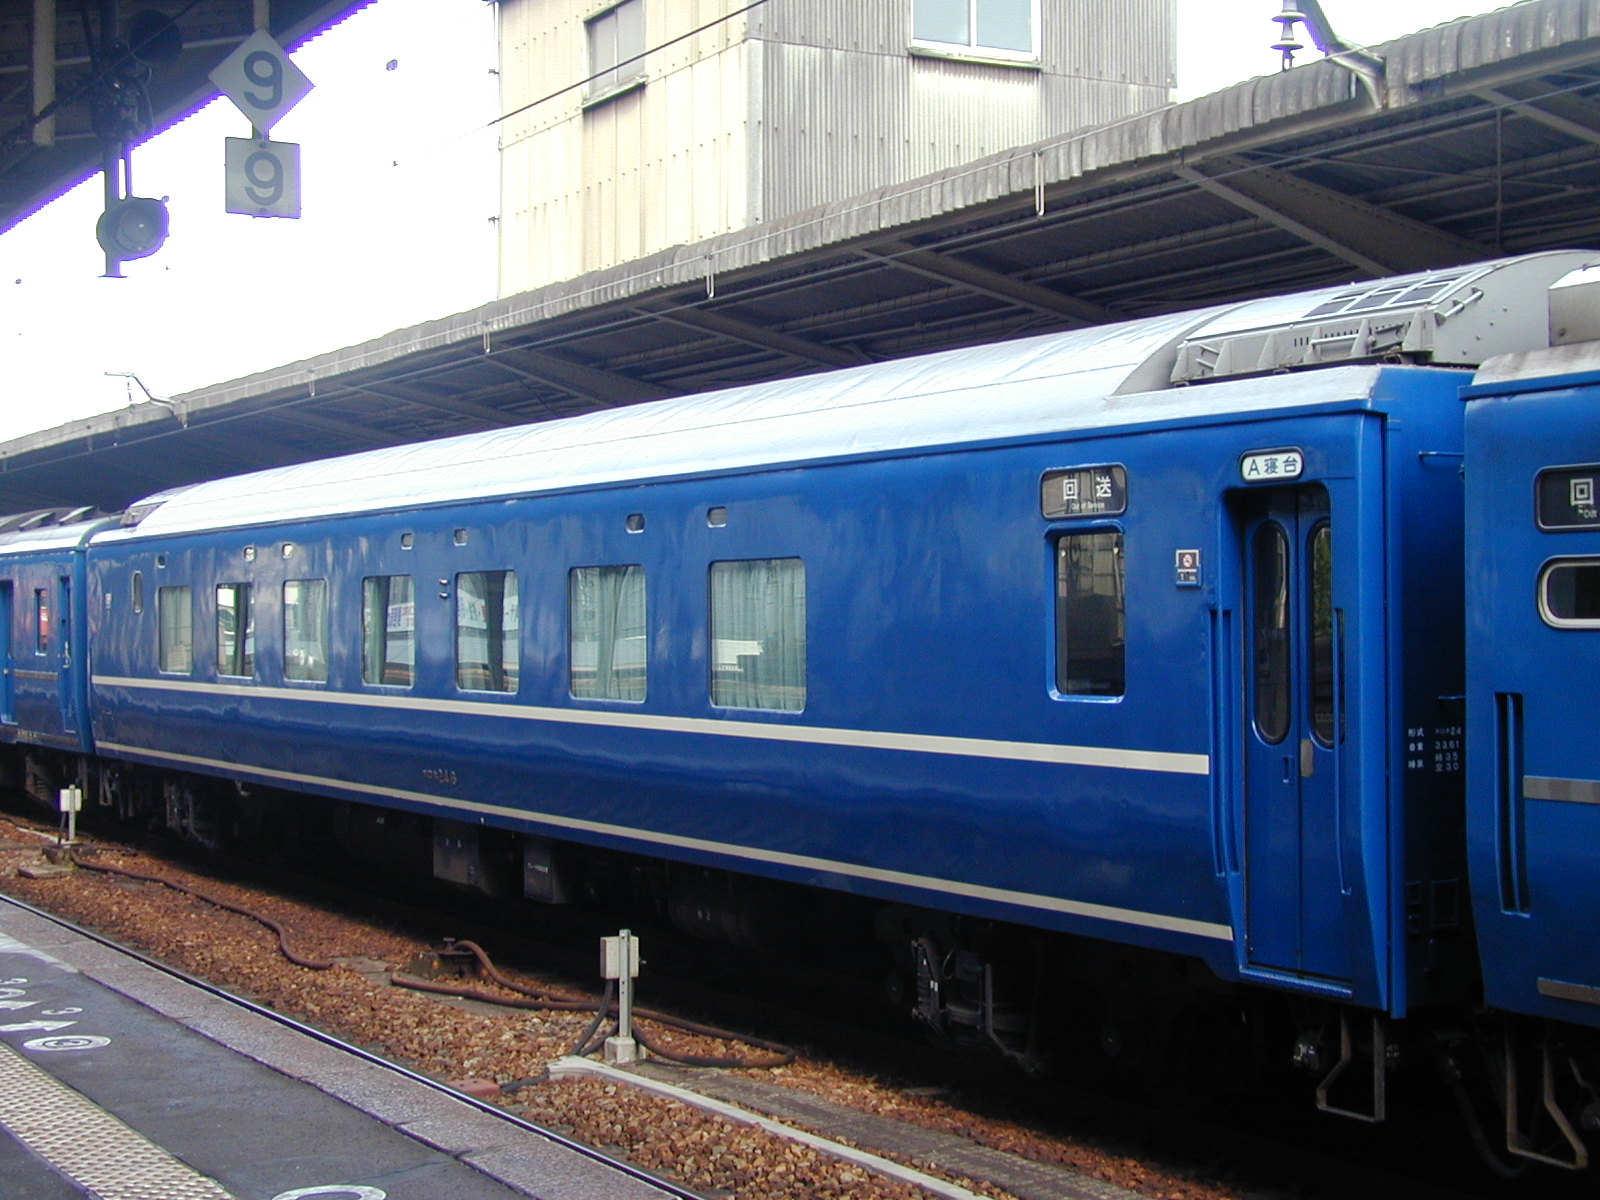 寝台急行銀河号のA寝台車両(JPG-215k)